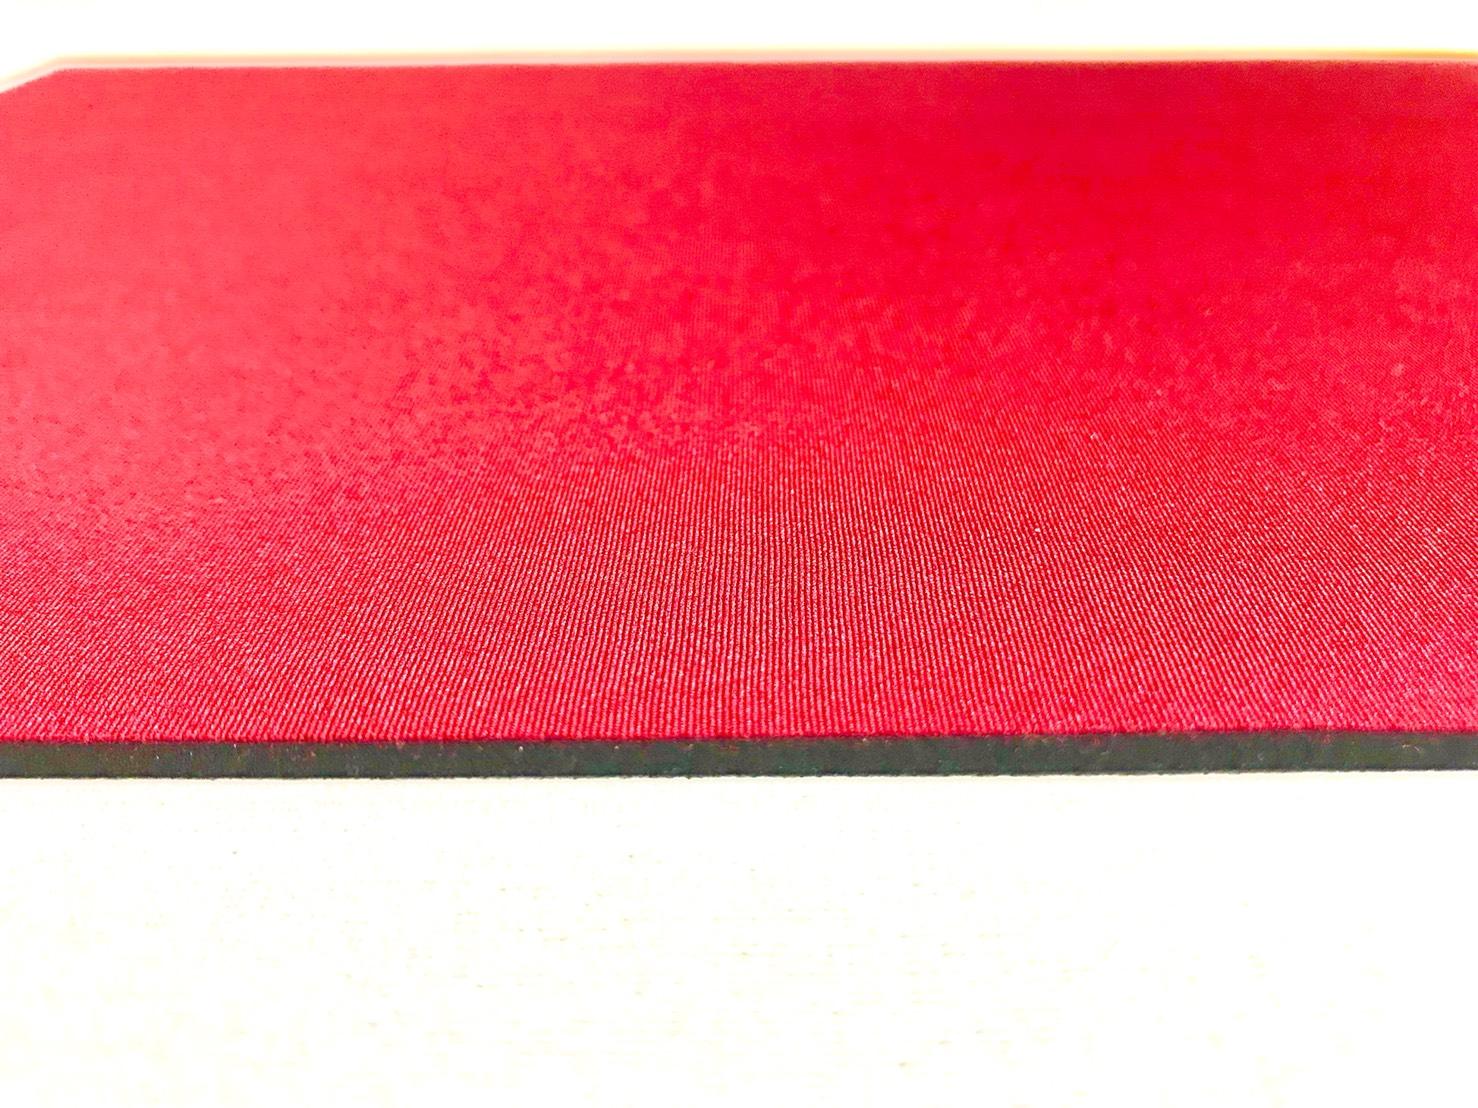 ネオプレーン生地両面ジャージ(カラー)2mm厚・一反、1シート210cm×110cm